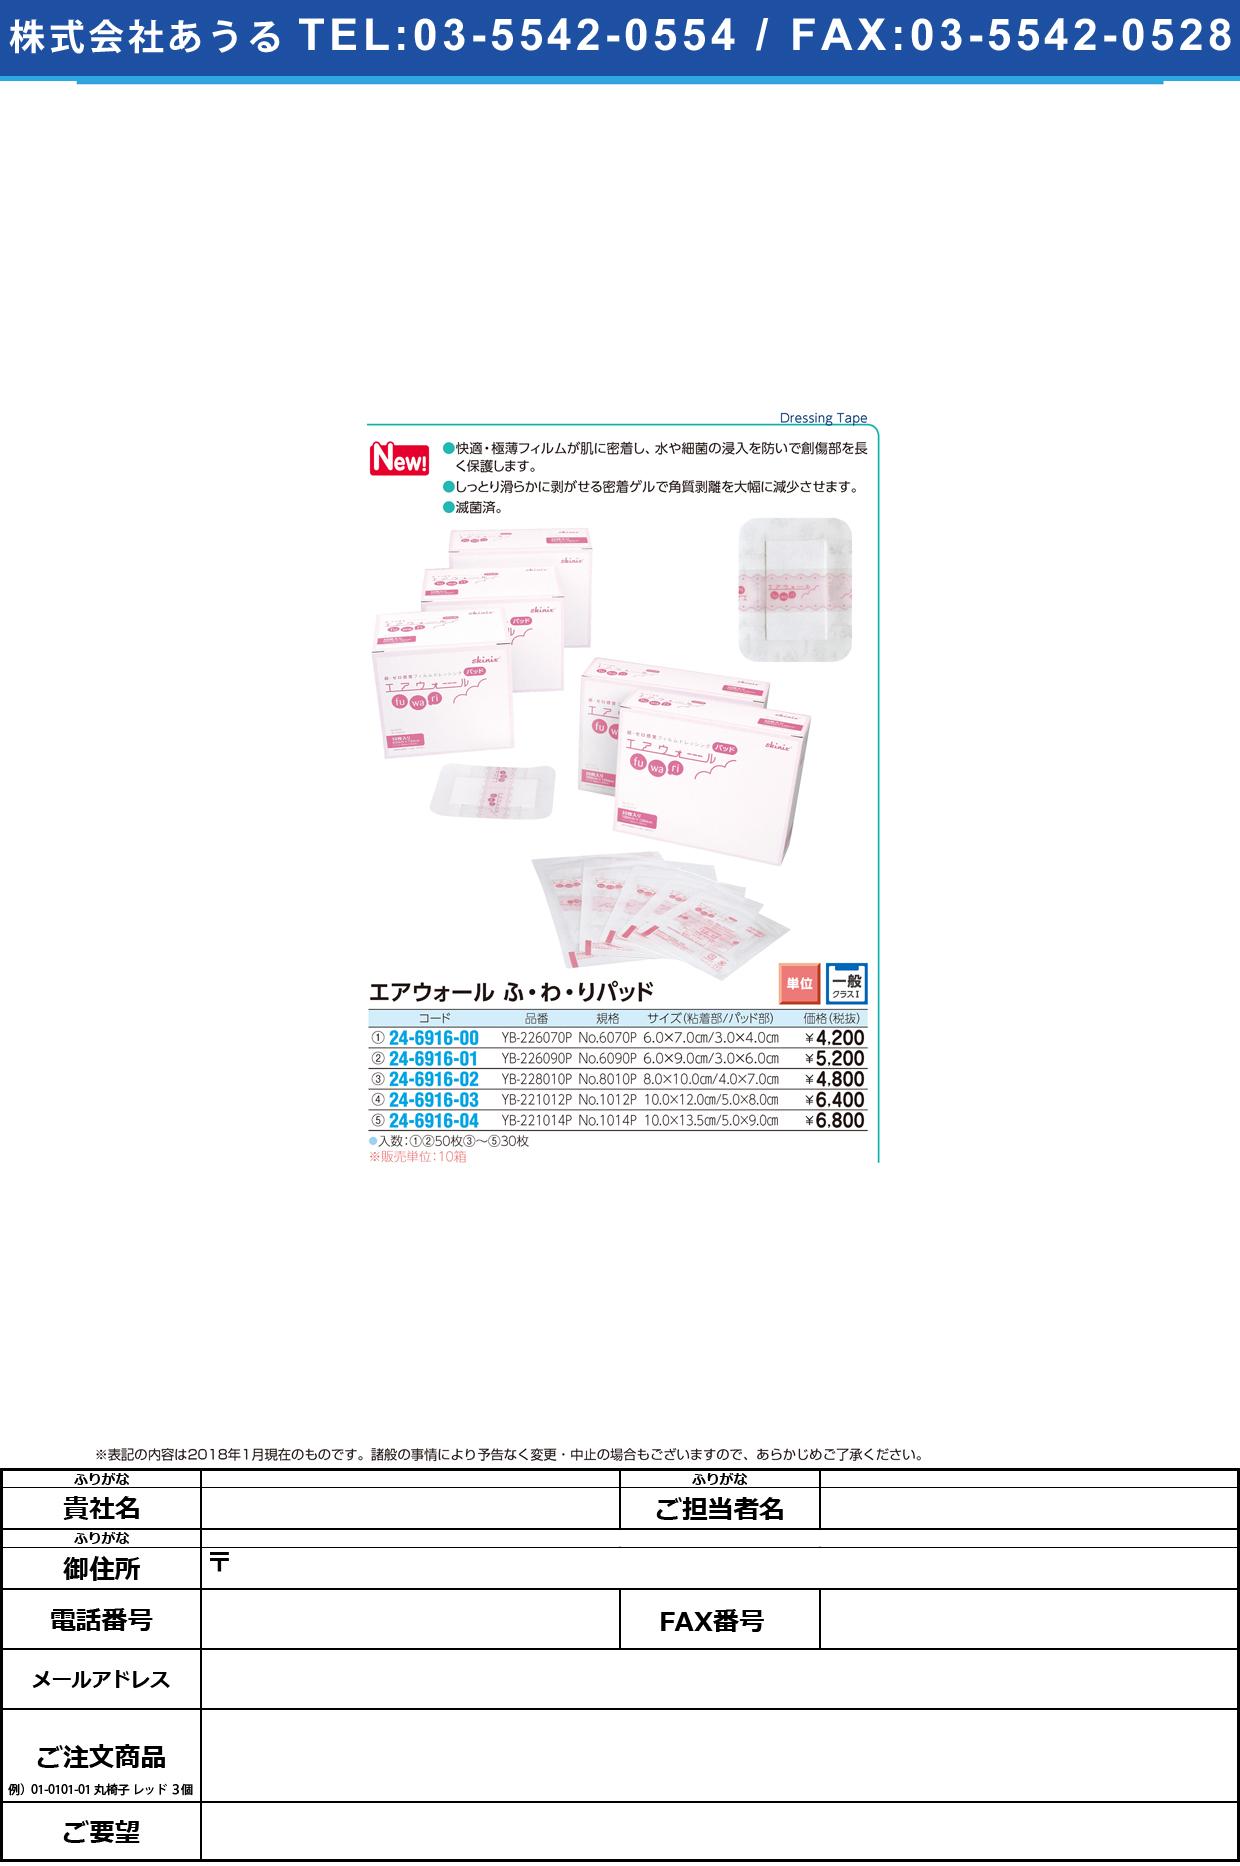 (24-6916-02)エアウォールふわりパッド NO.8010P(30マイ) エアウォールフワリパッド(共和)【10箱単位】【2018年カタログ商品】